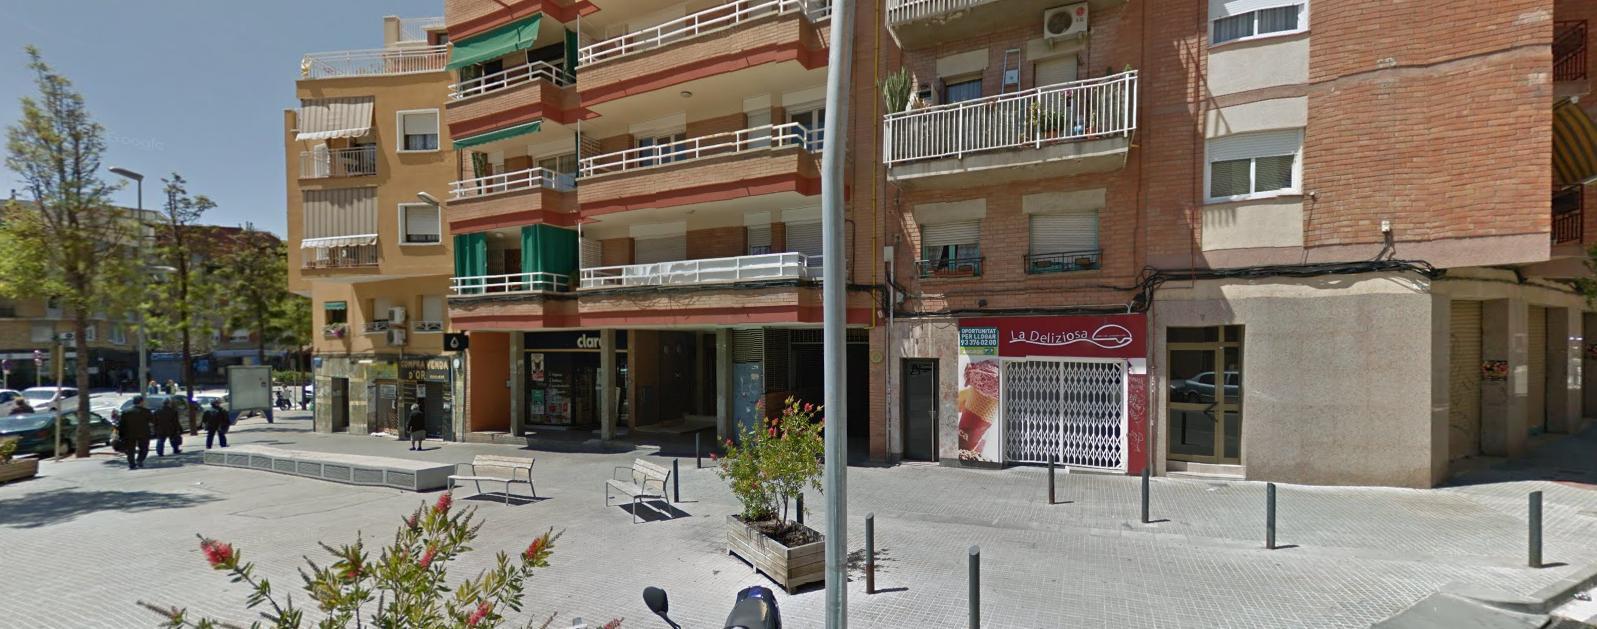 Imagen 1 Parking Coche en venta en Cornellà De Llobregat / Junto a la Avenida del parque